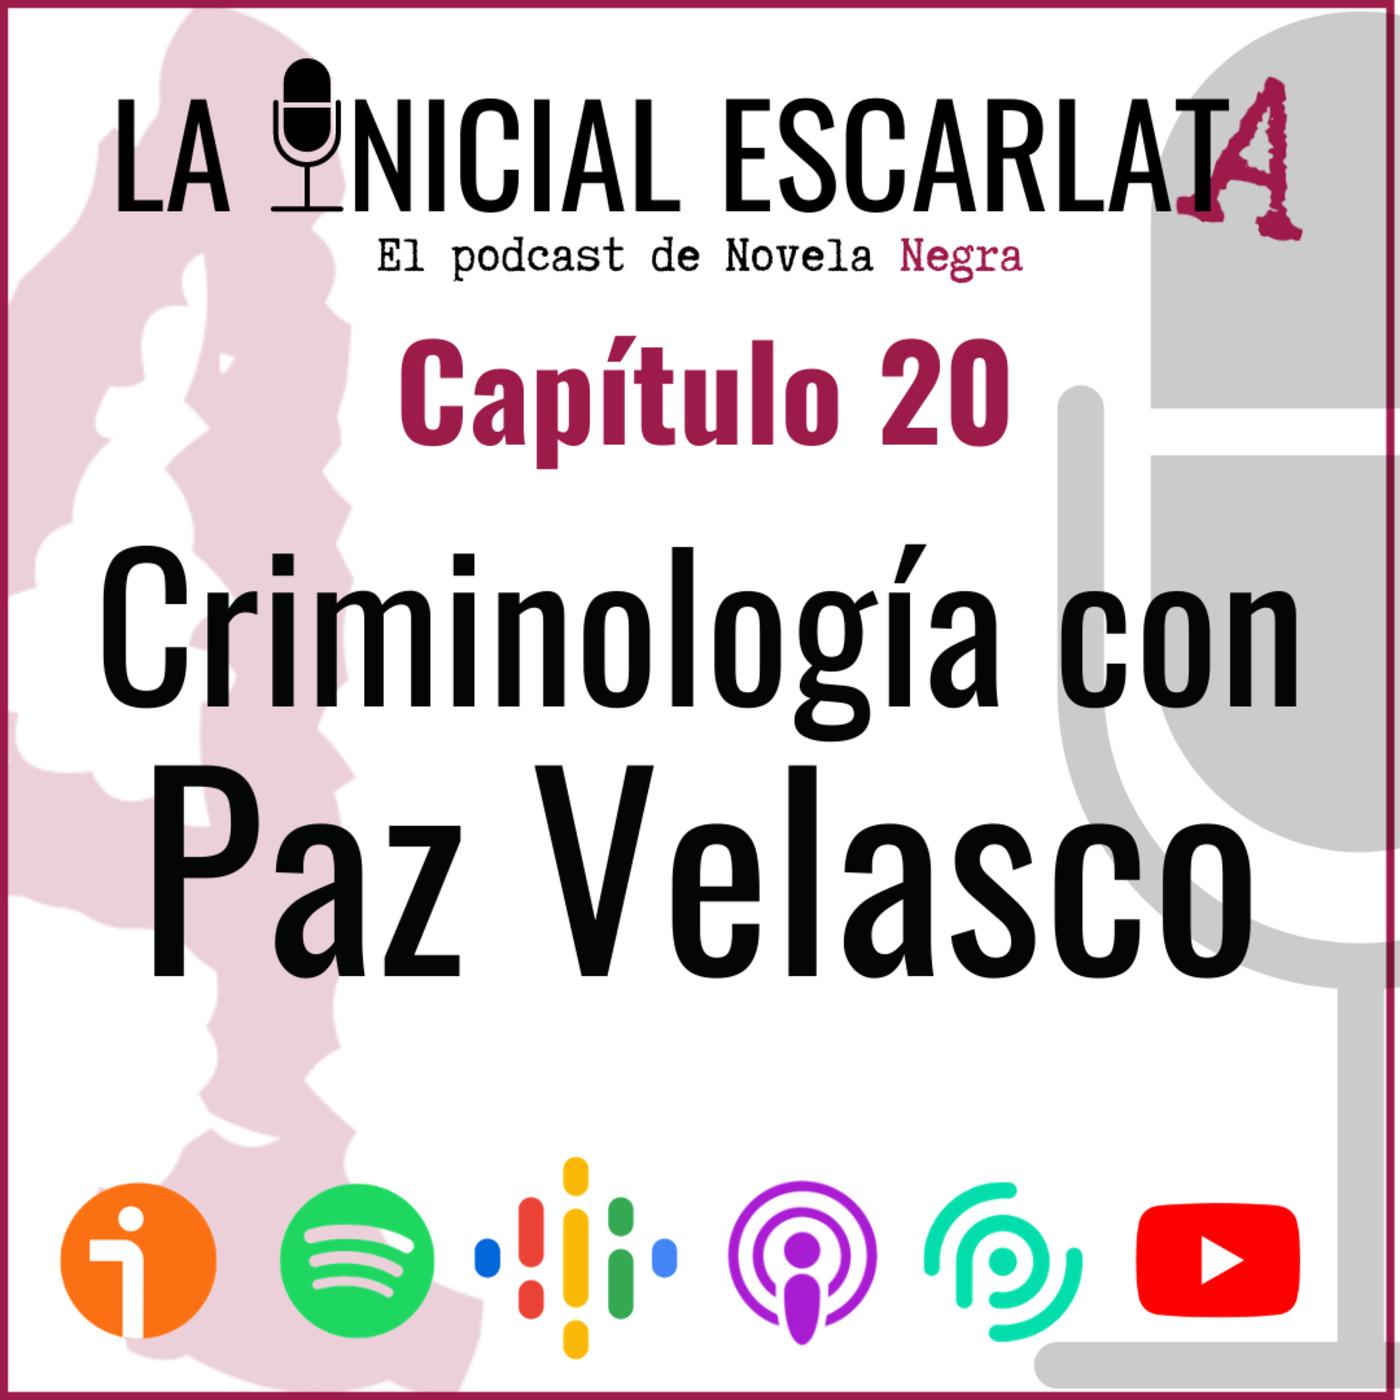 Capítulo 20: Criminología con Paz Velasco de la Fuente (@CriminalmenteES)